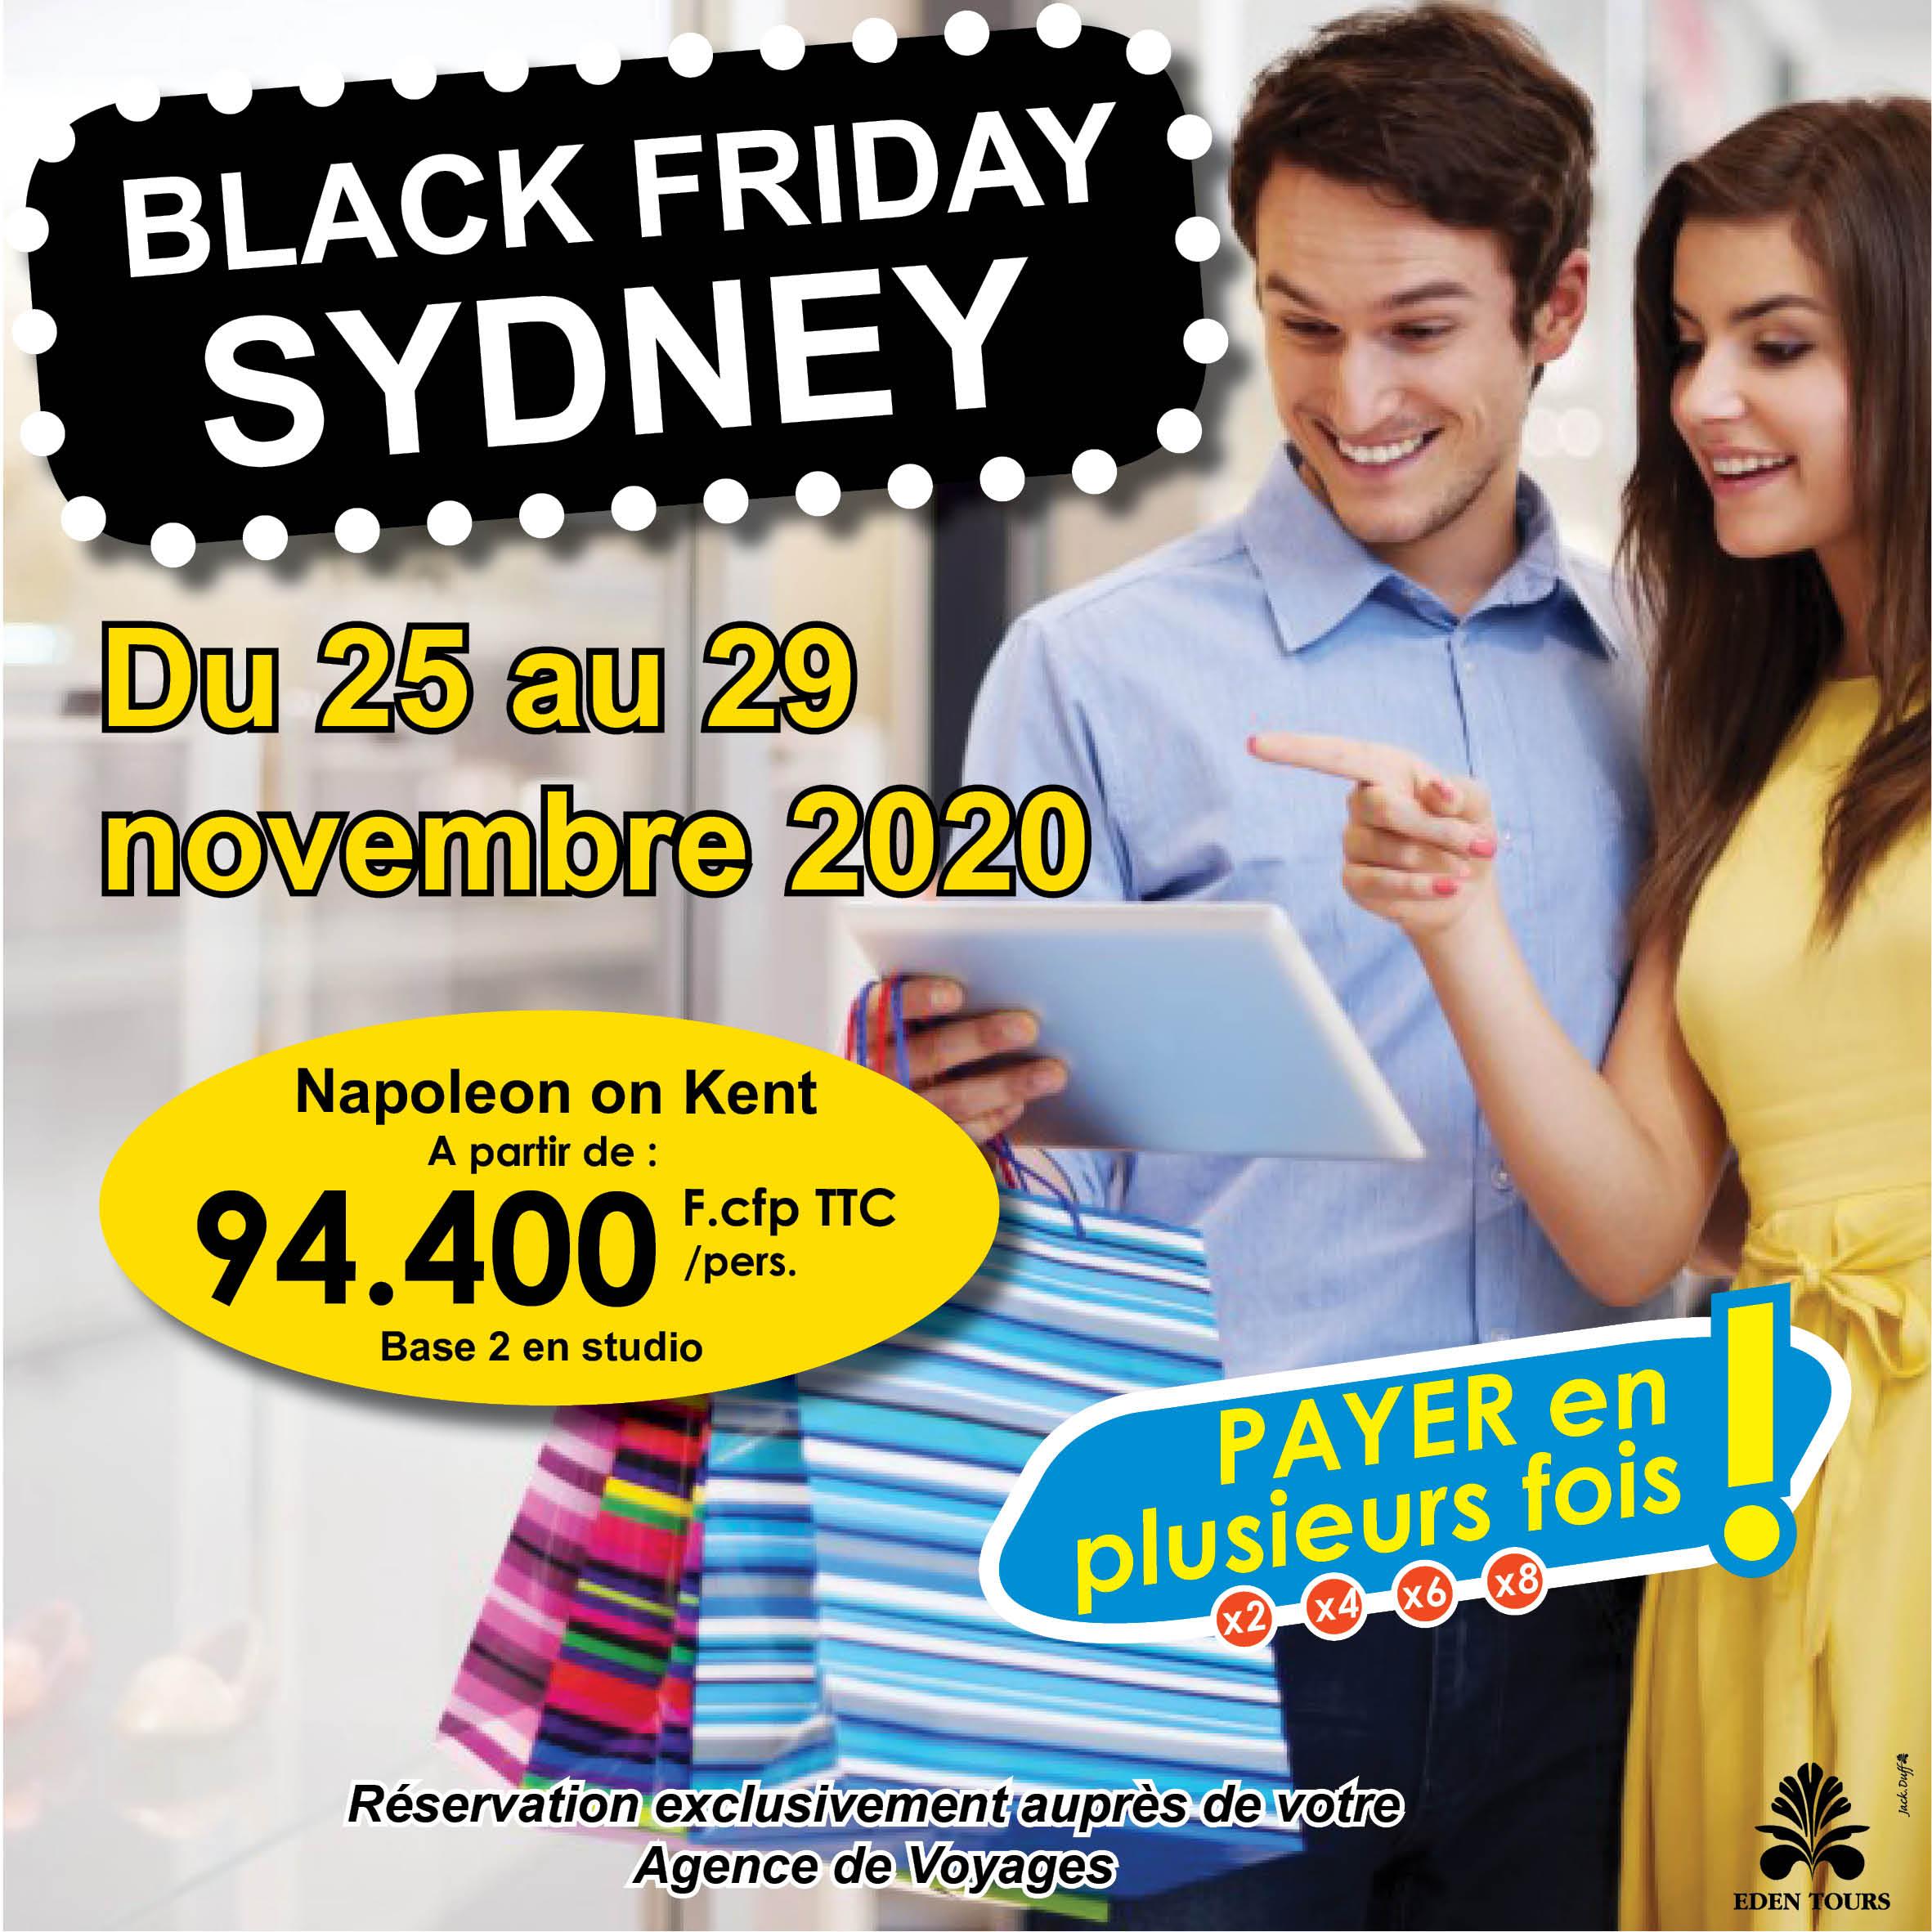 BLACK FRIDAY SYDNEY 2020   FACEBOOK